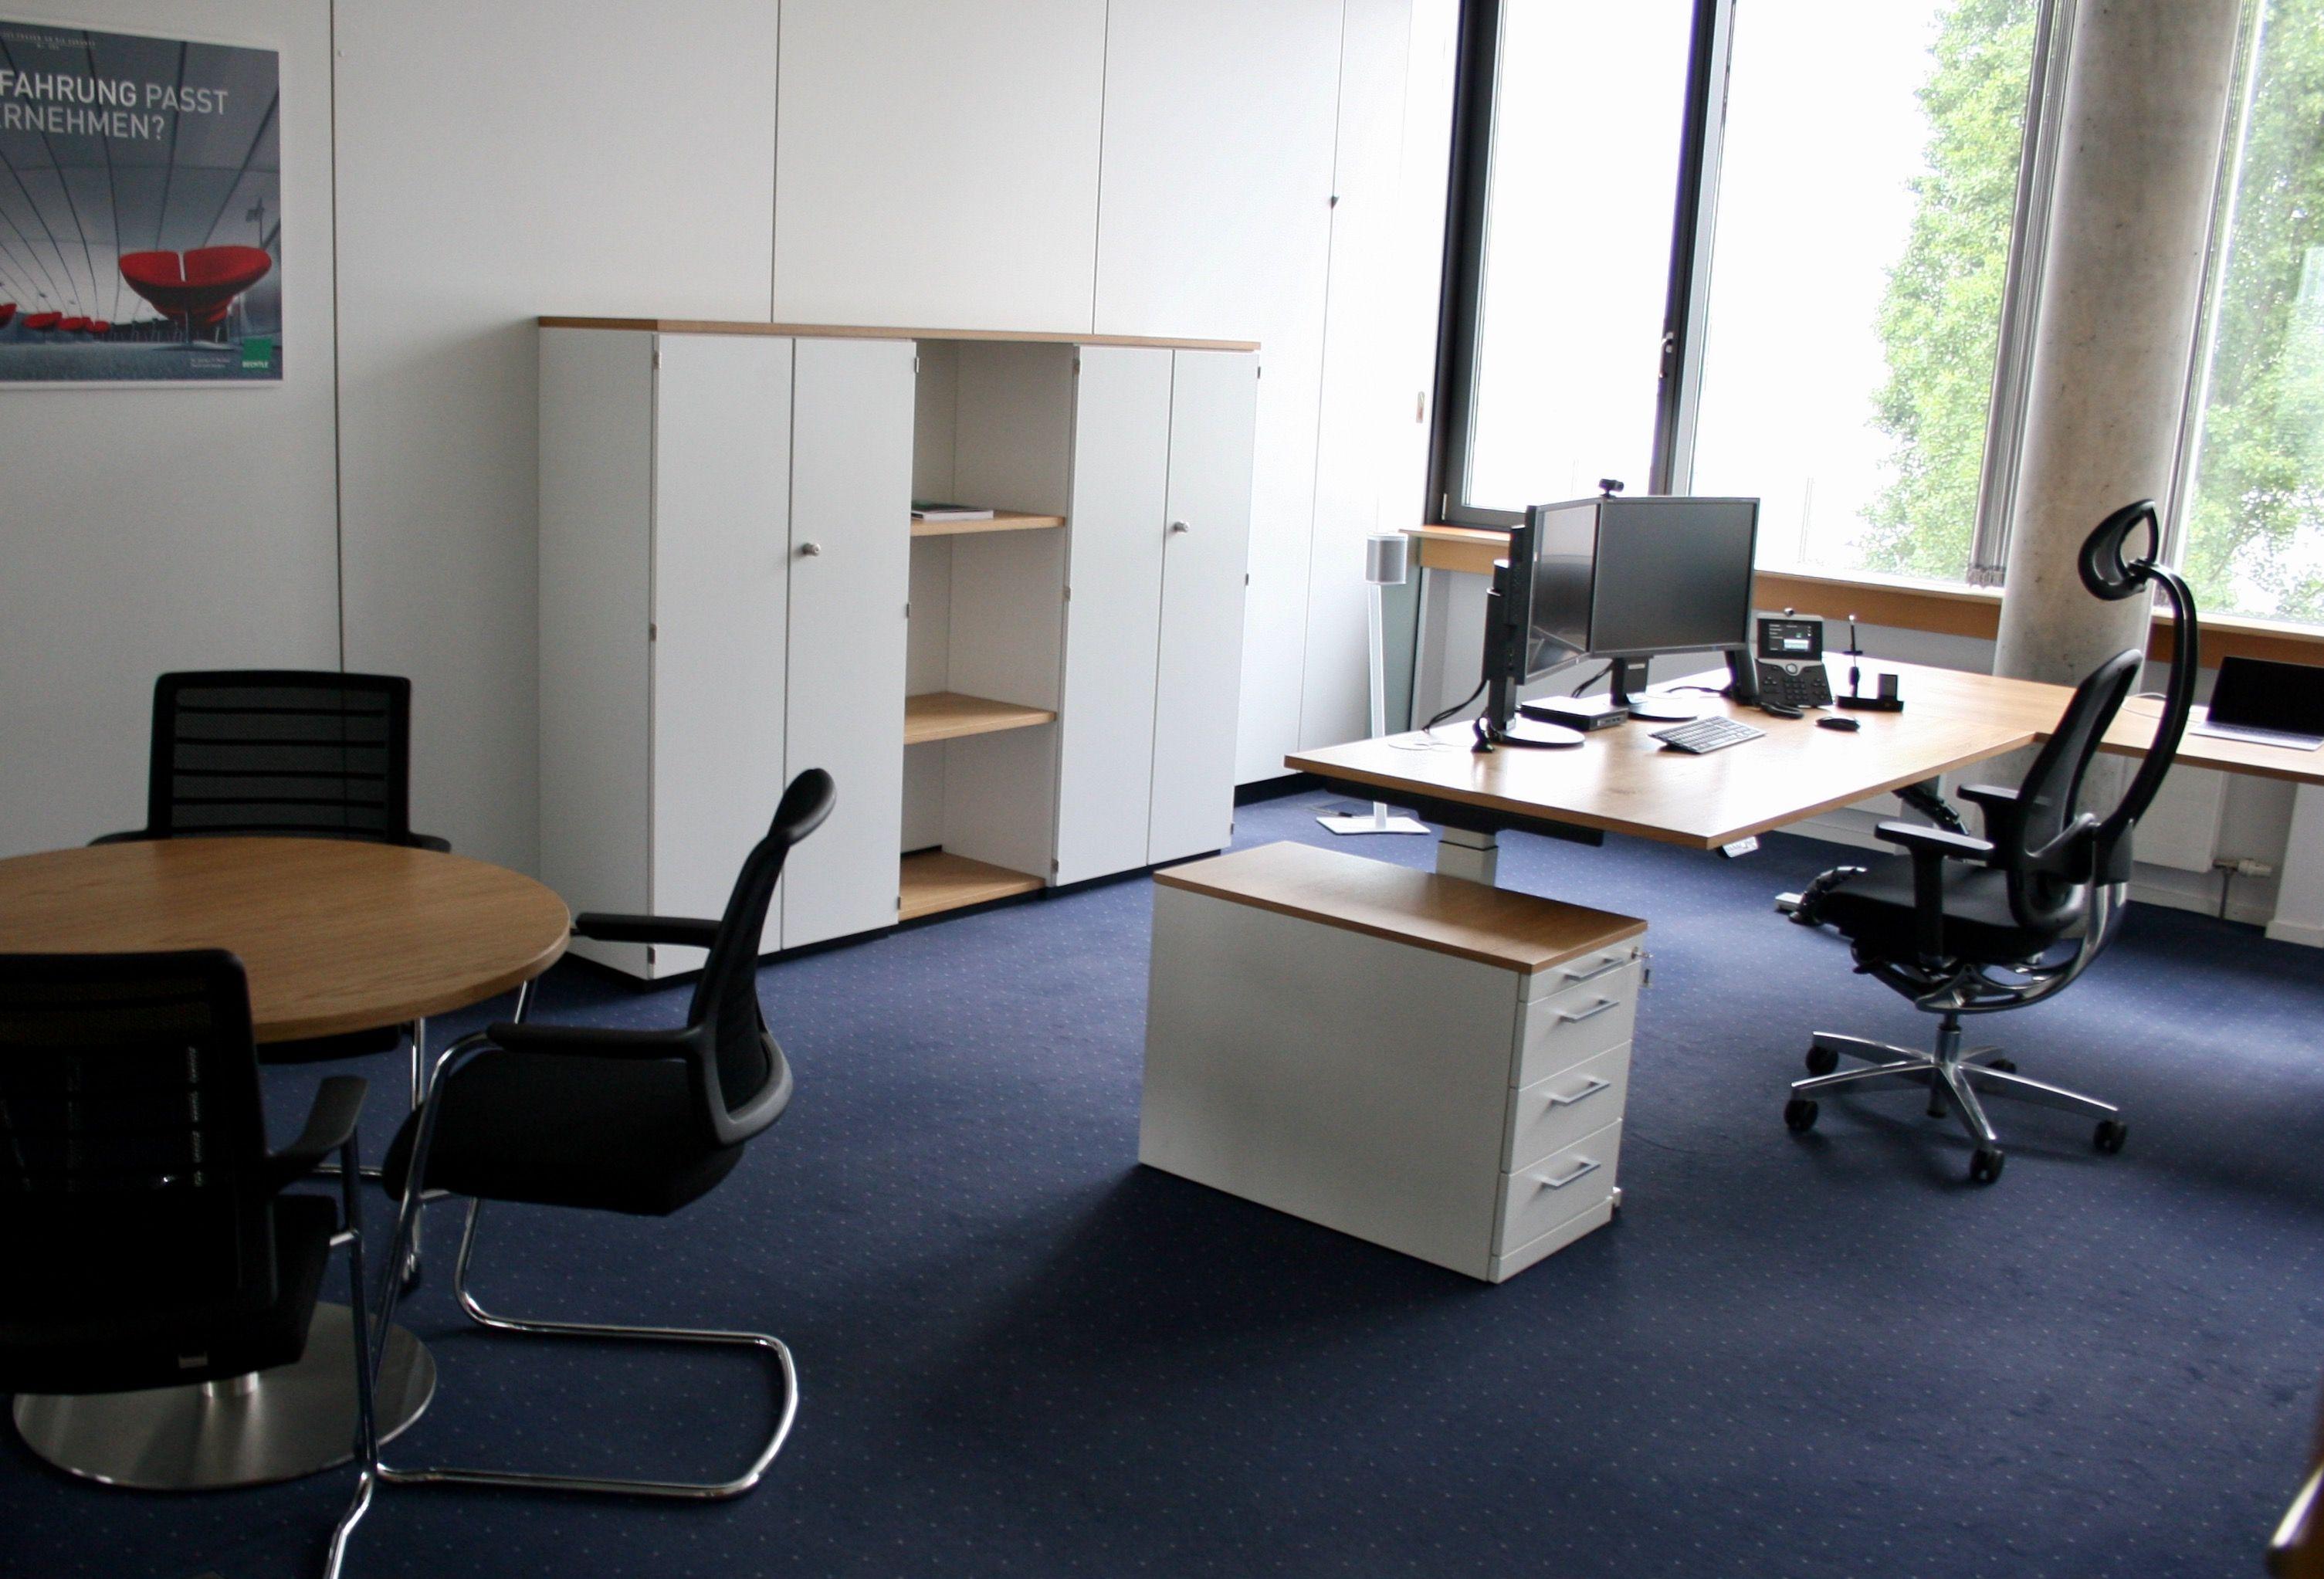 Delightful Einfache Dekoration Und Mobel Flexibel Und Hochwertig Bueroeinrichtung Mieten #5: Einzelbüro Mit Elektrisch Höhenverstellbarem Schreibtisch By Kühnleu0027waiko  #office #furniture #workspace #